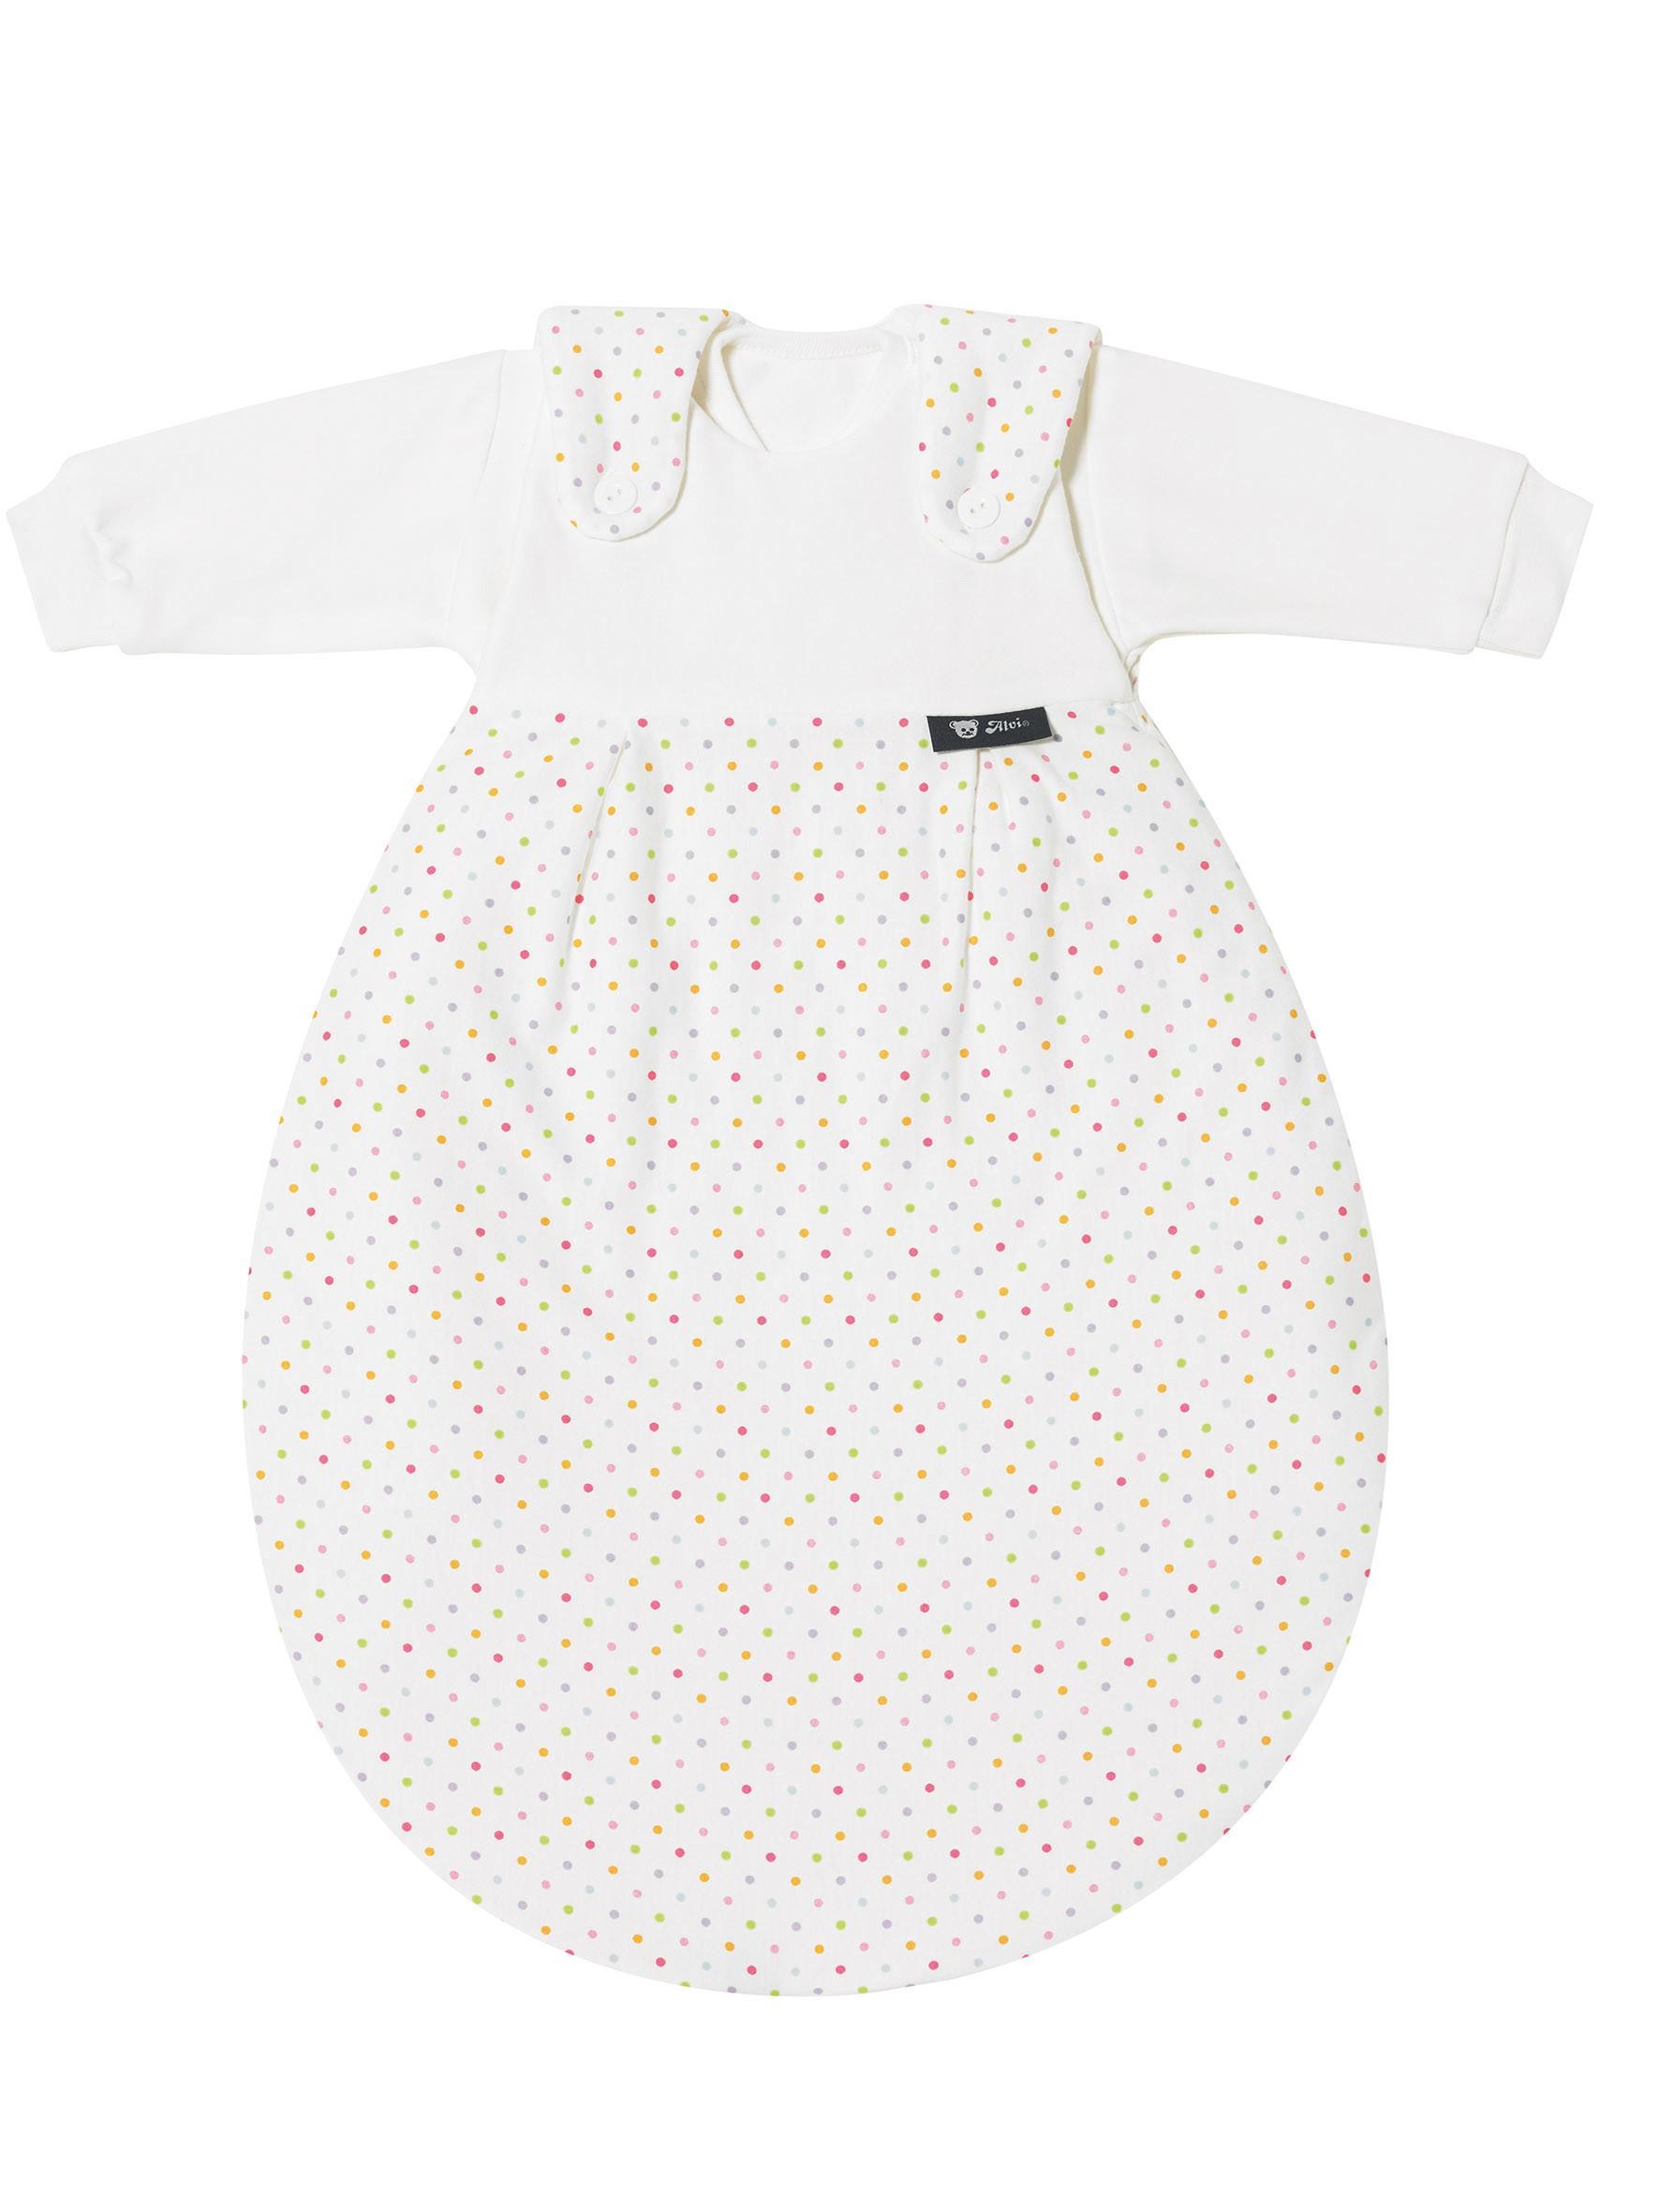 Alvi Baby Mäxchen 2tlg. Gr. 44